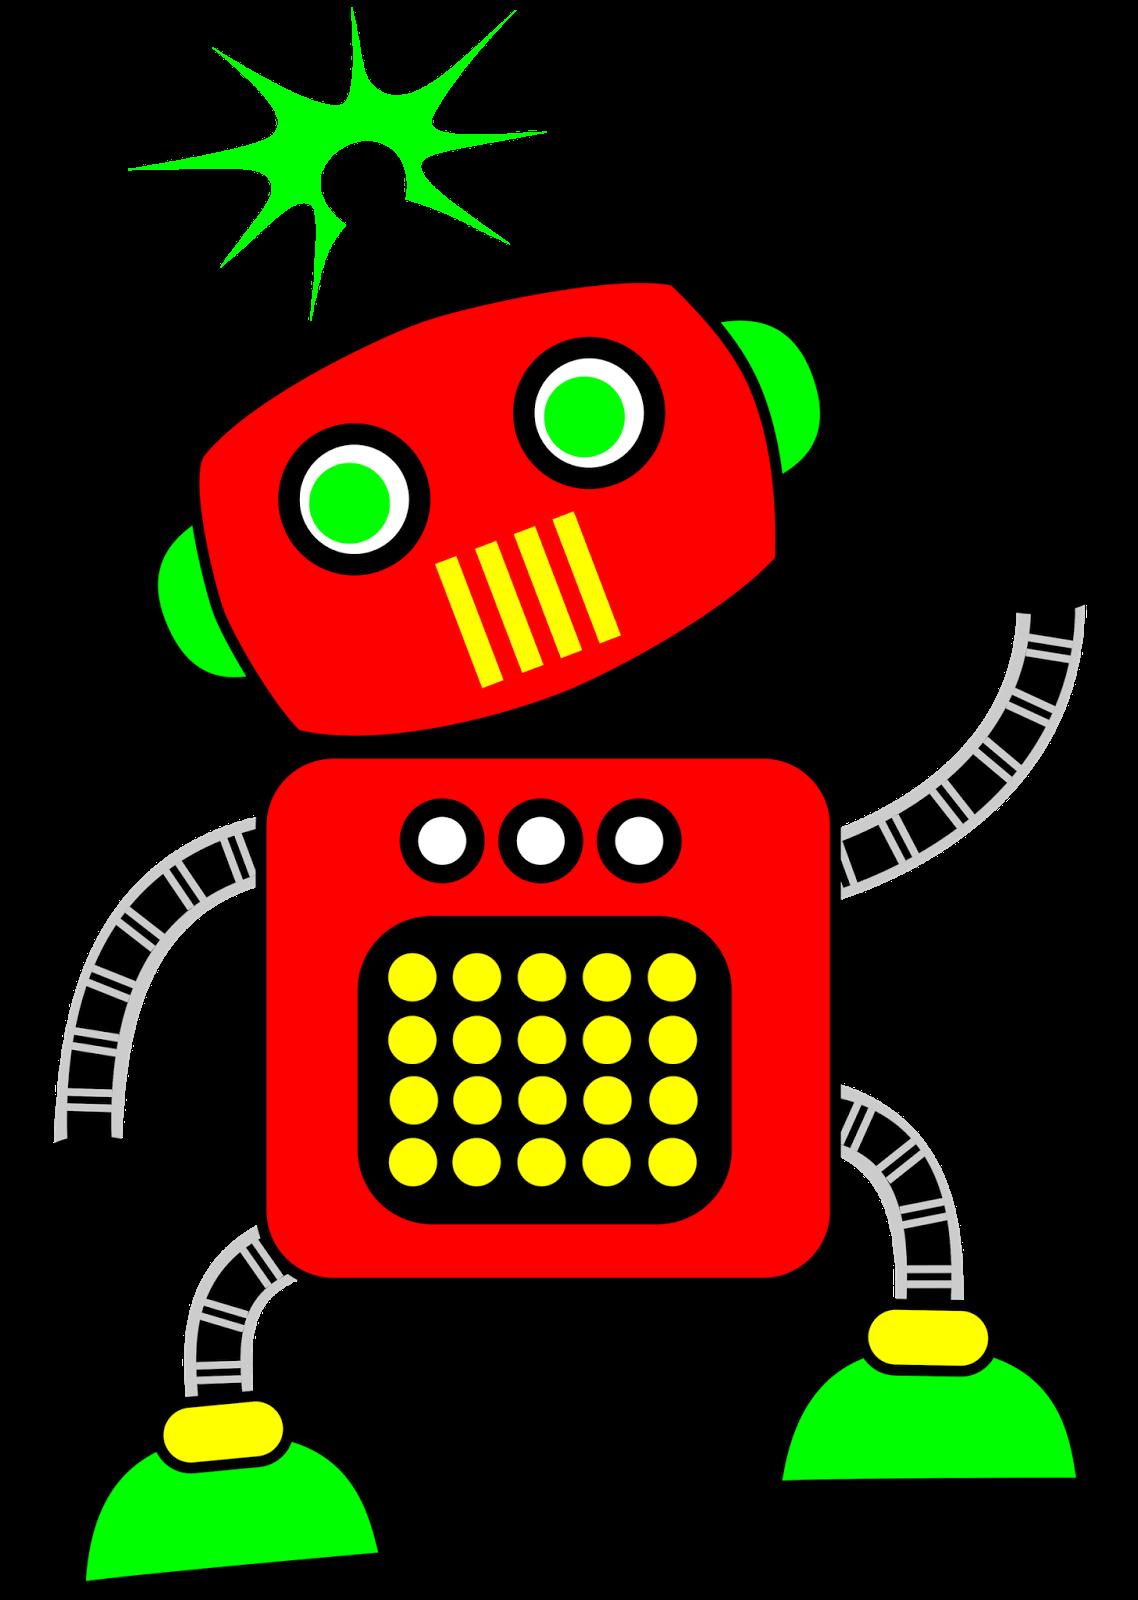 Cute Robot Clip Art